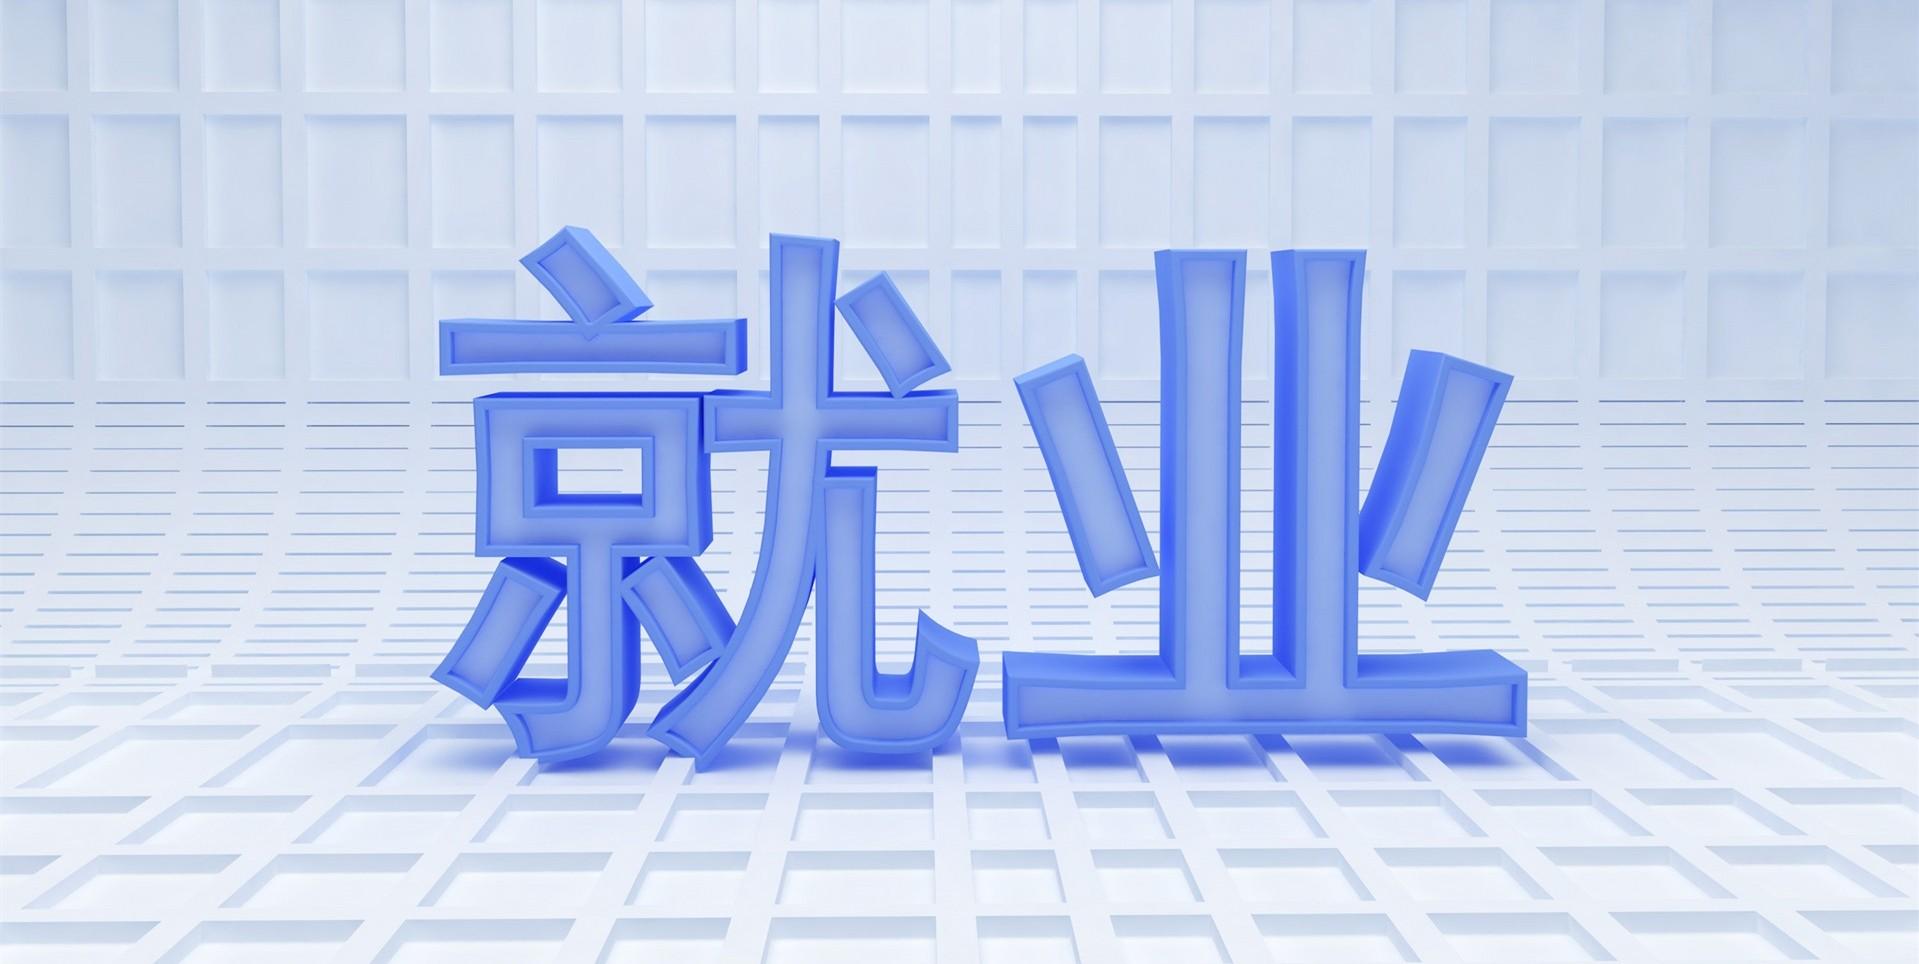 摄图网_400978530_banner.jpg